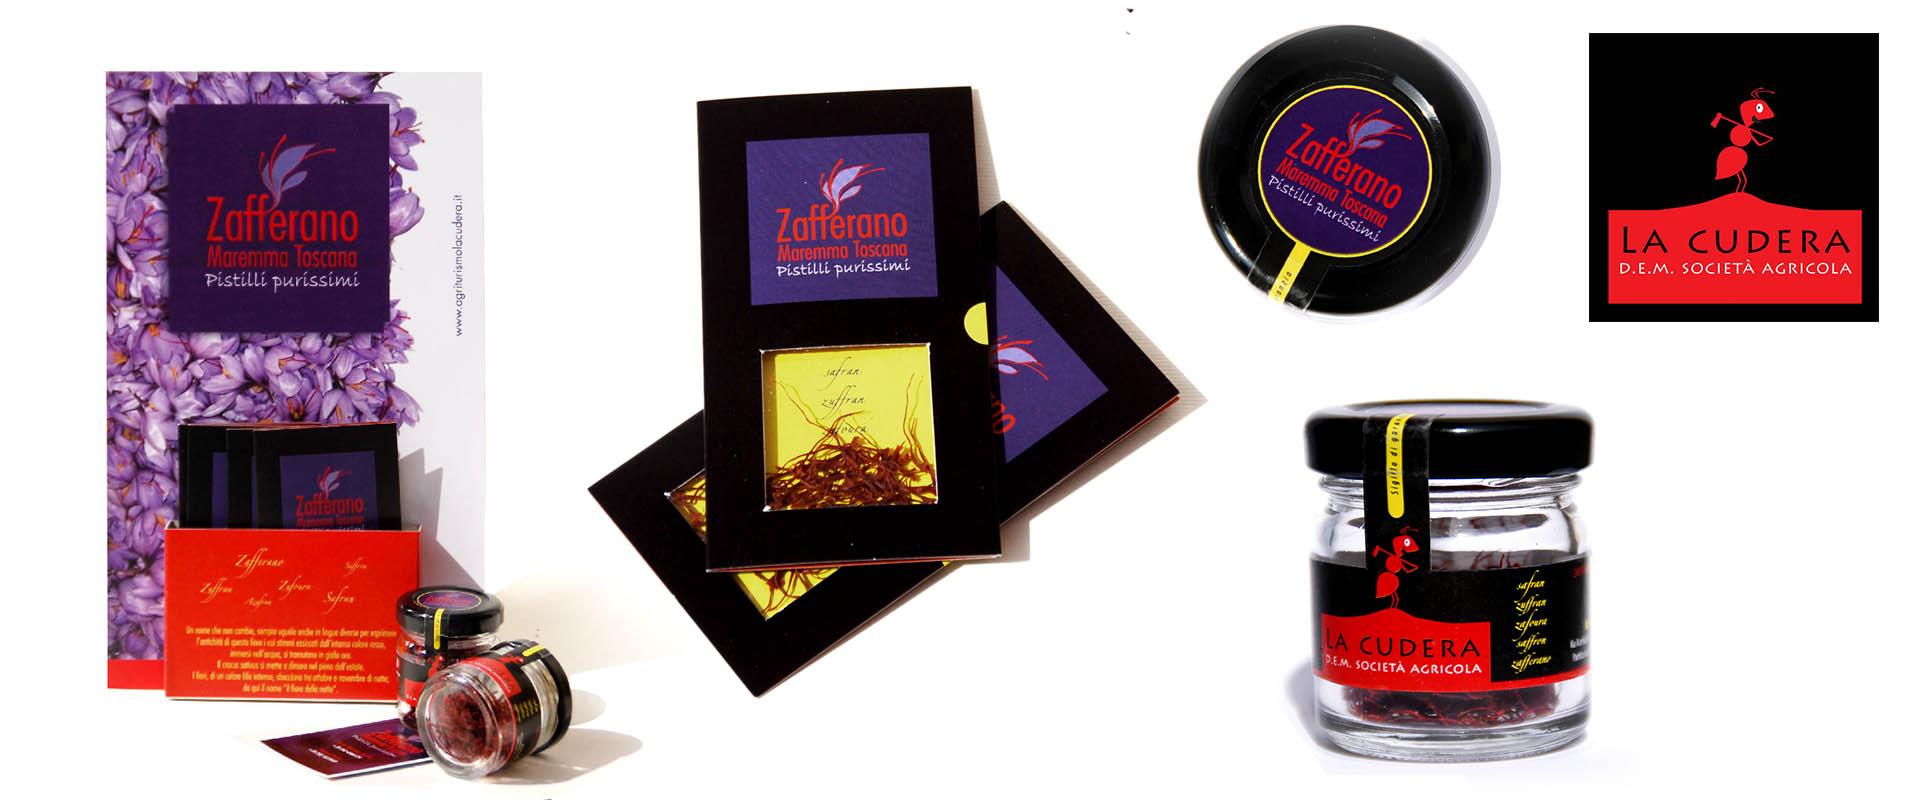 aironic_ugo-capparelli_comunicazione_grosseto_packaging_la_cudera